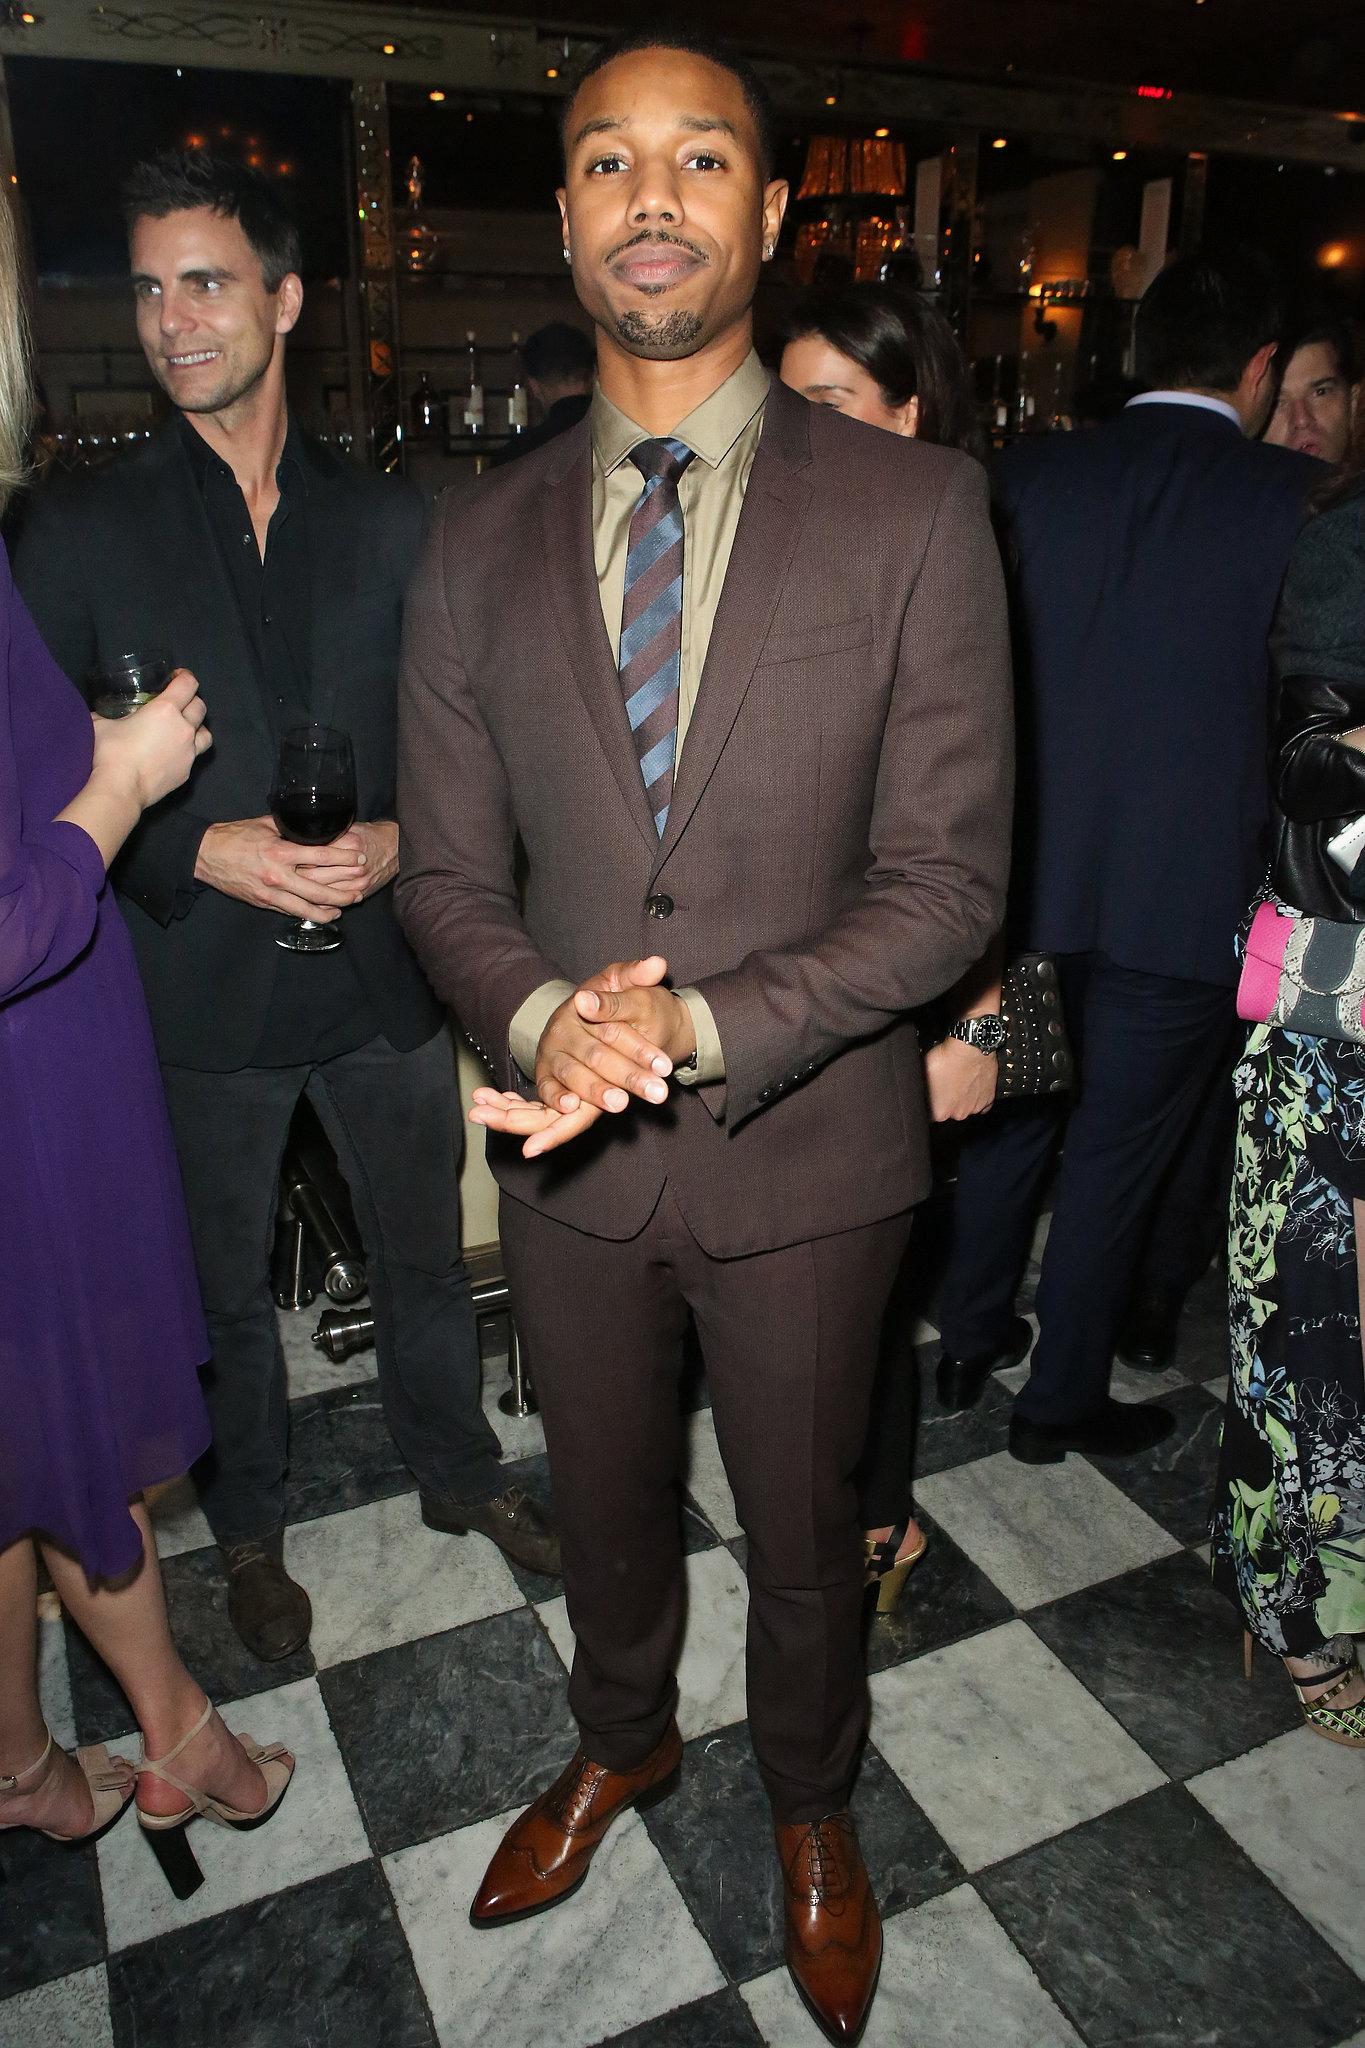 Michael B. Jordan wore a brown suit.